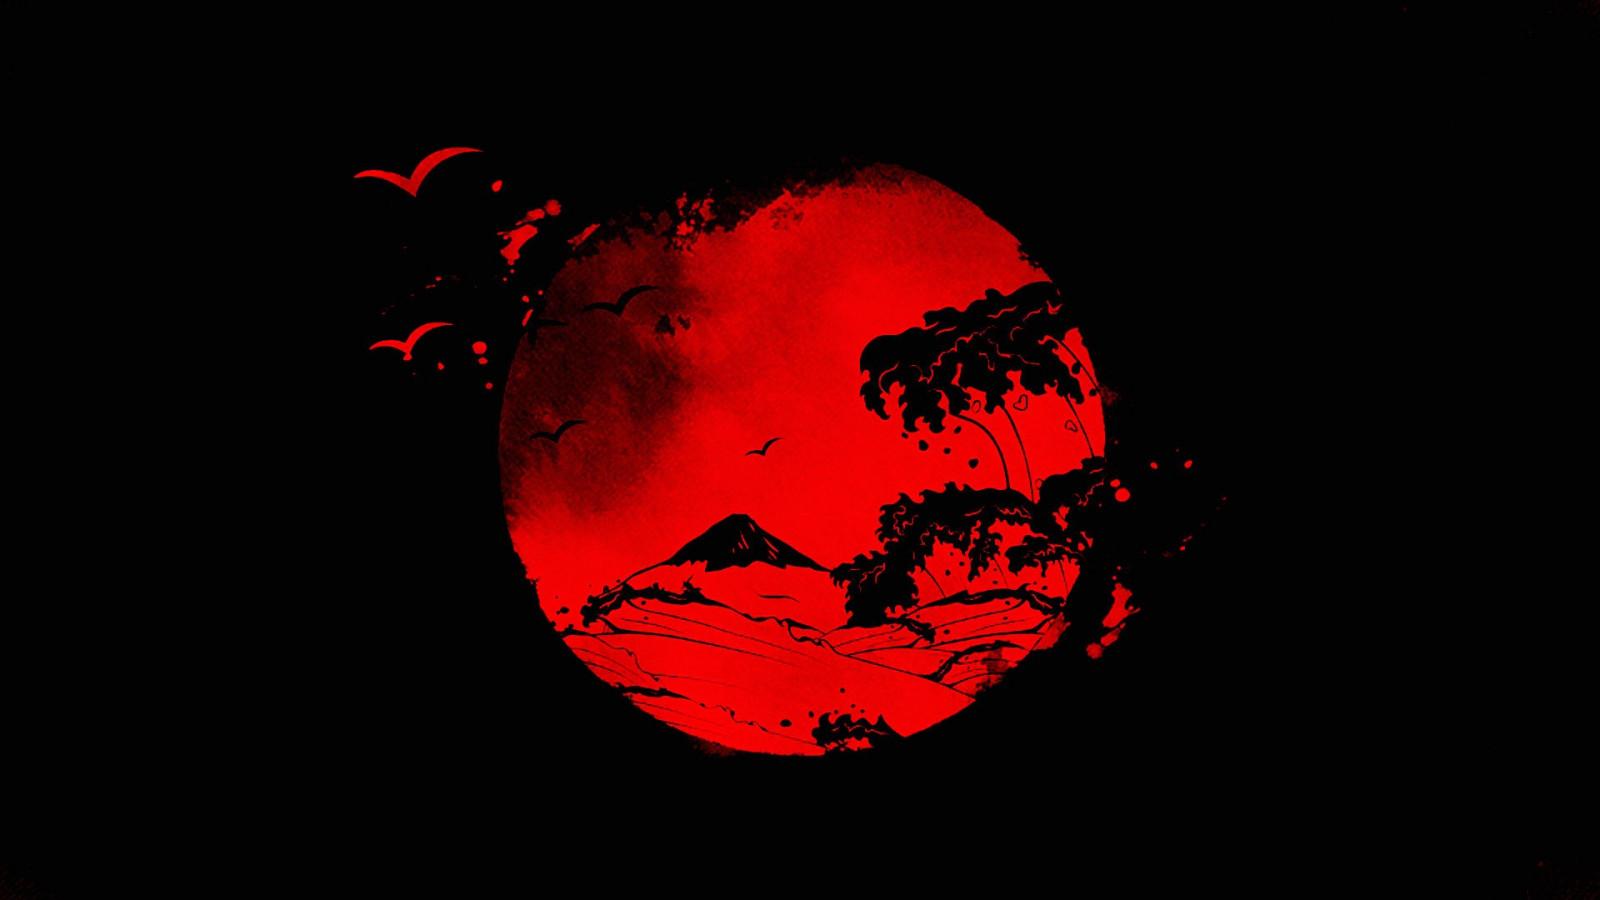 Fond d'écran : dessin, illustration, rouge, Terre, Soleil, cercle, Japonais, Ange déchu ...